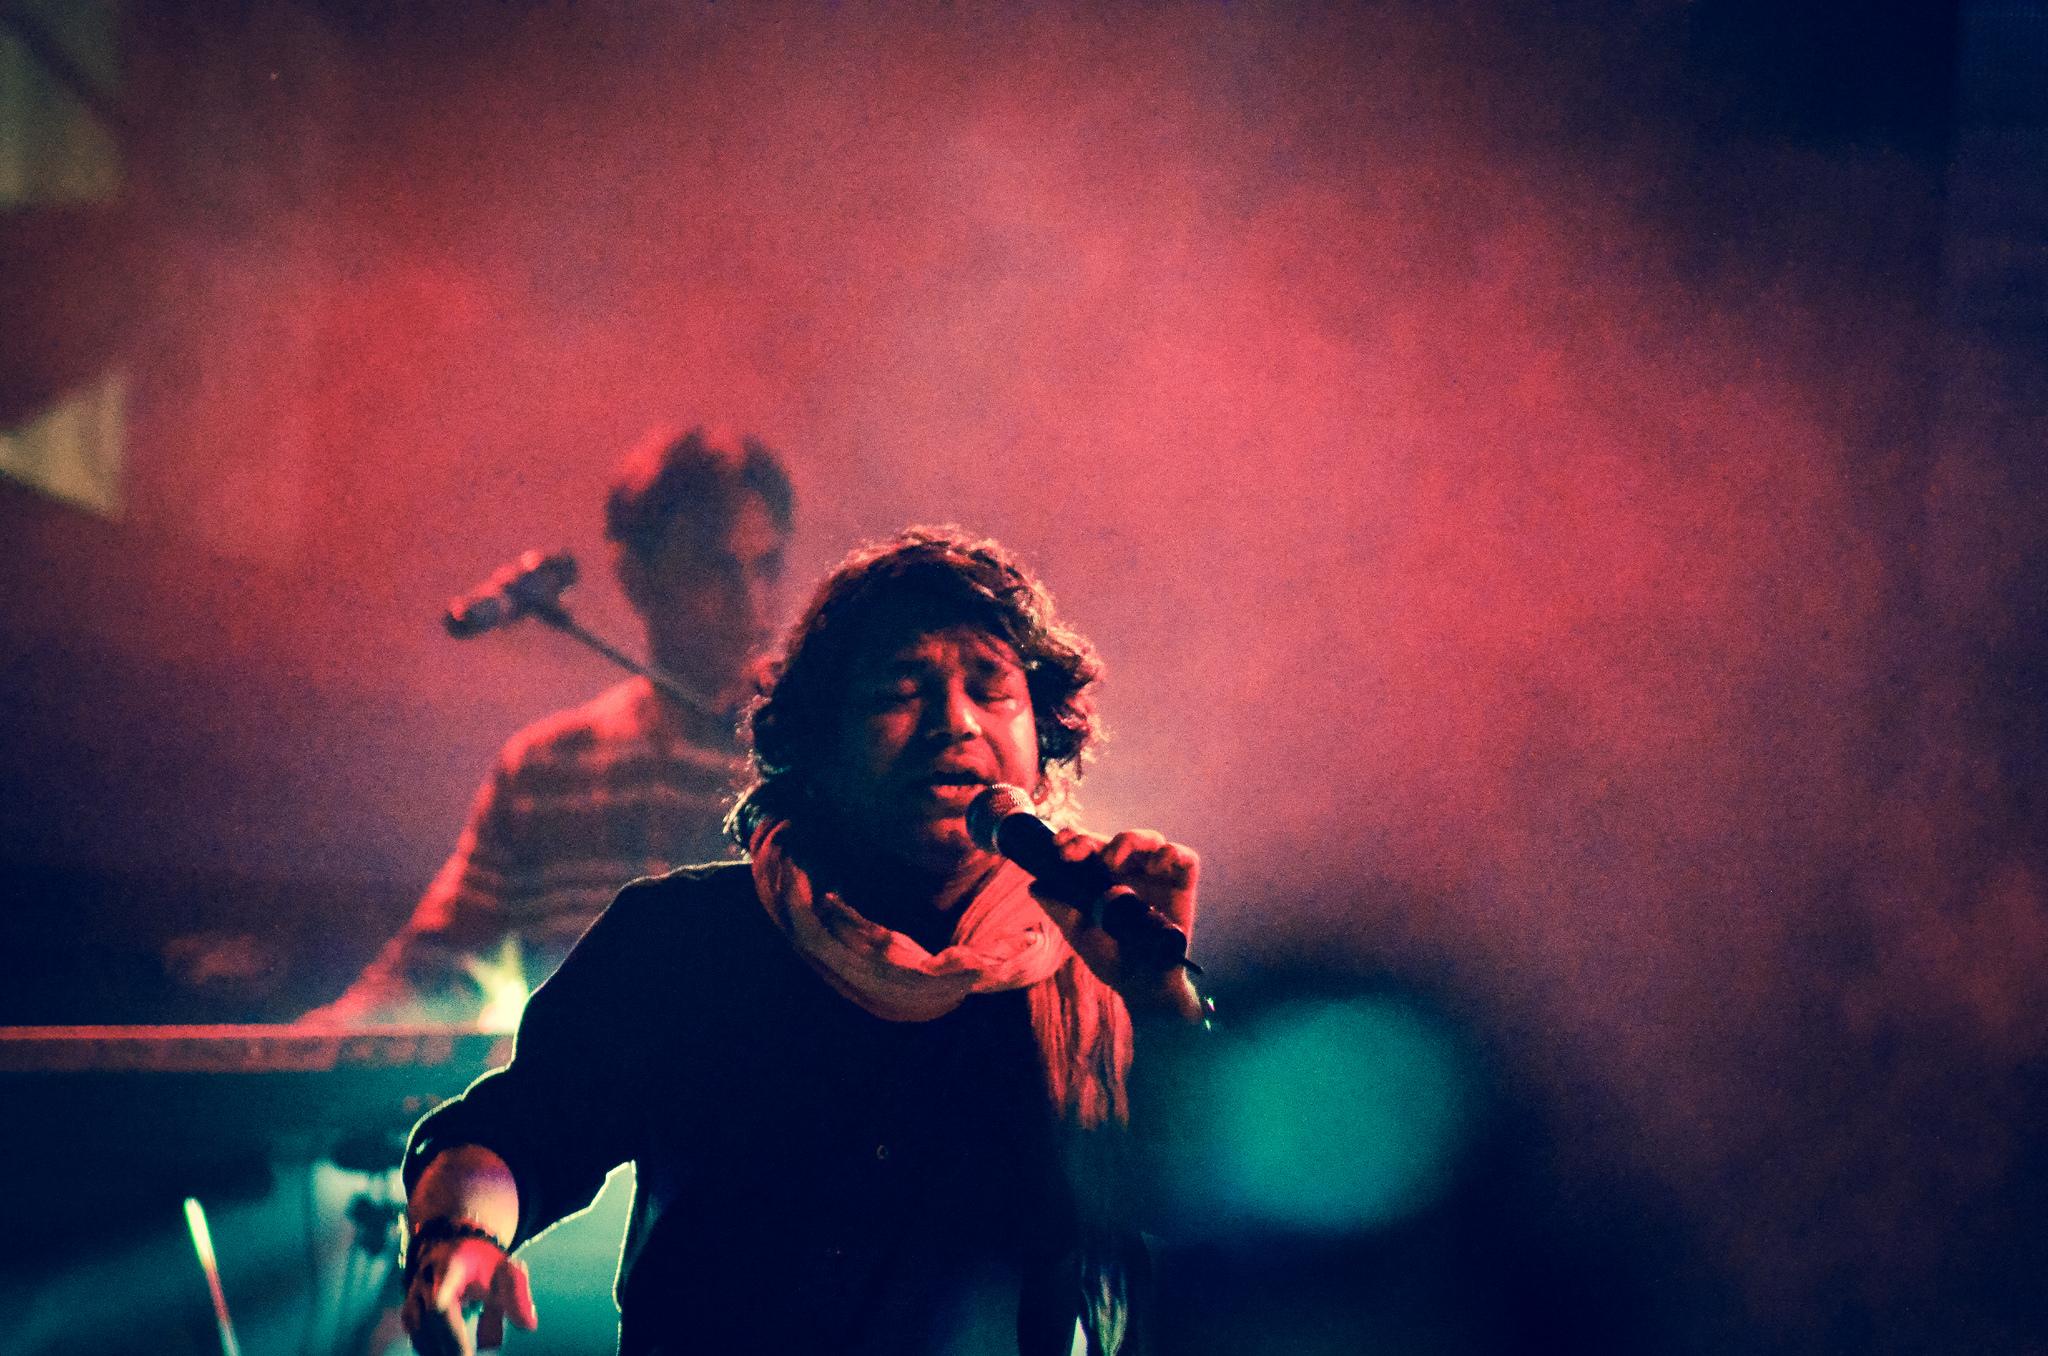 Kailash Kher /© Shreyank Gupta / Flickr